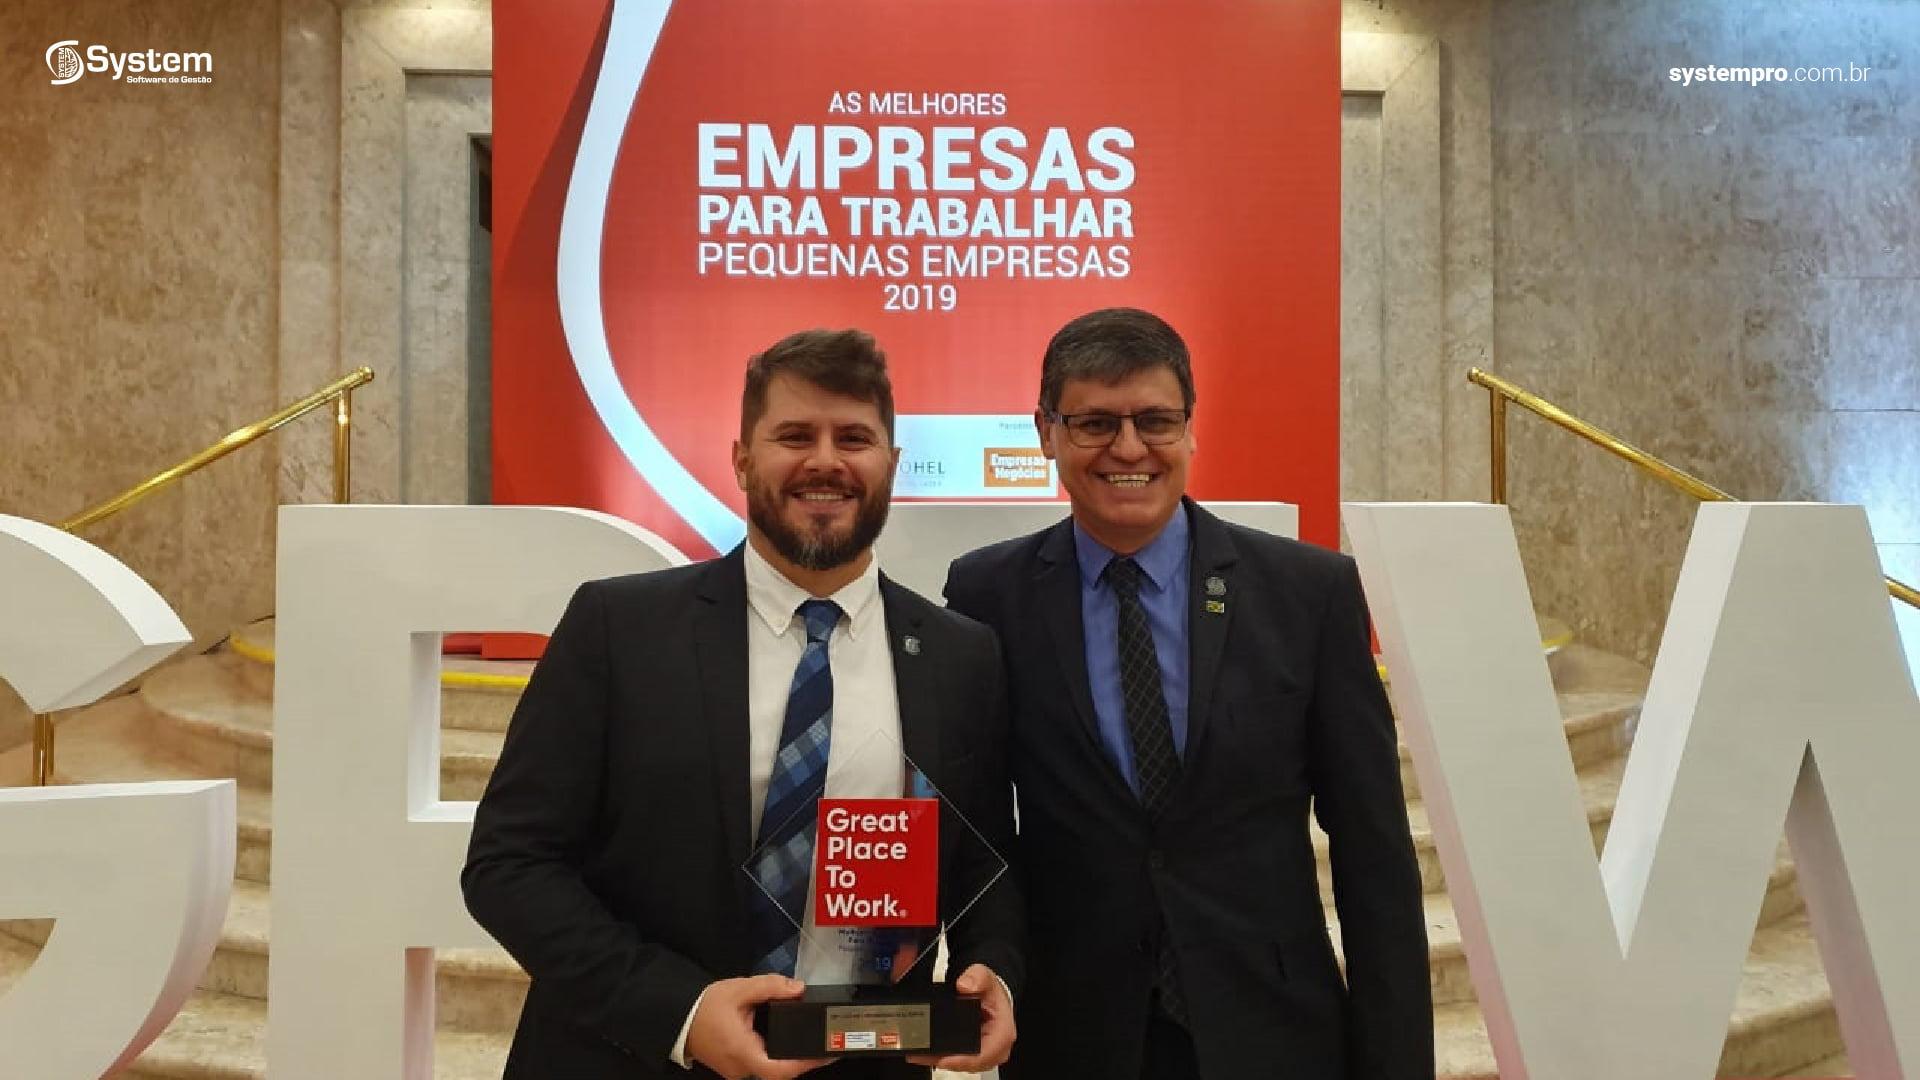 System é premiada como uma das Melhores Empresas para Trabalhar no Brasil